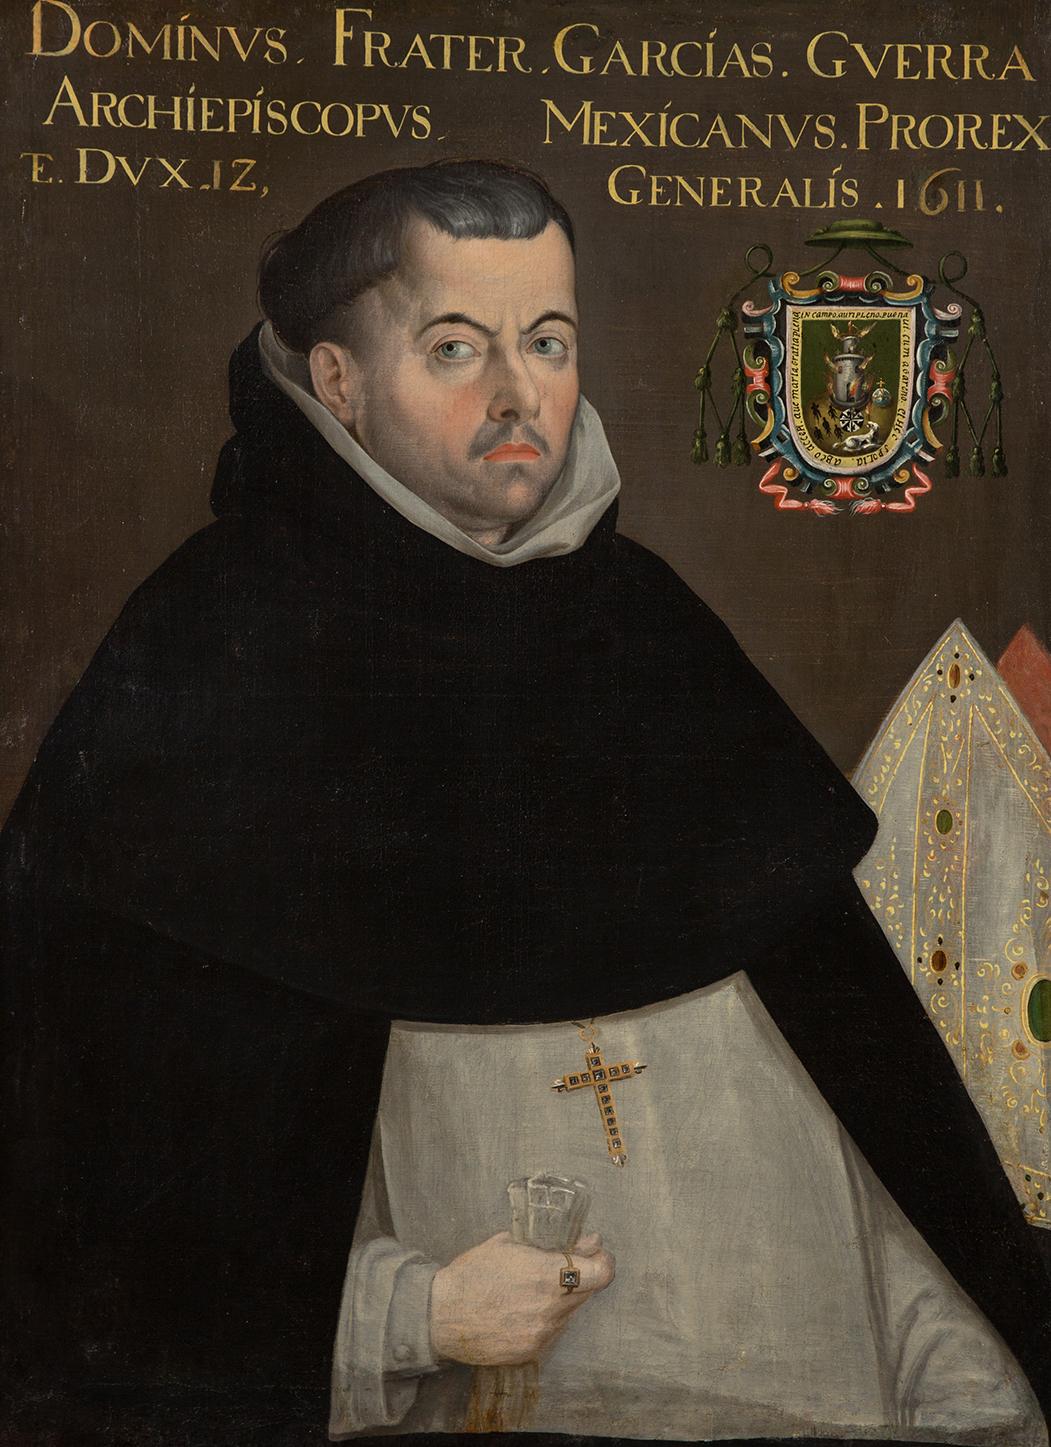 Retrato de García Guerra.